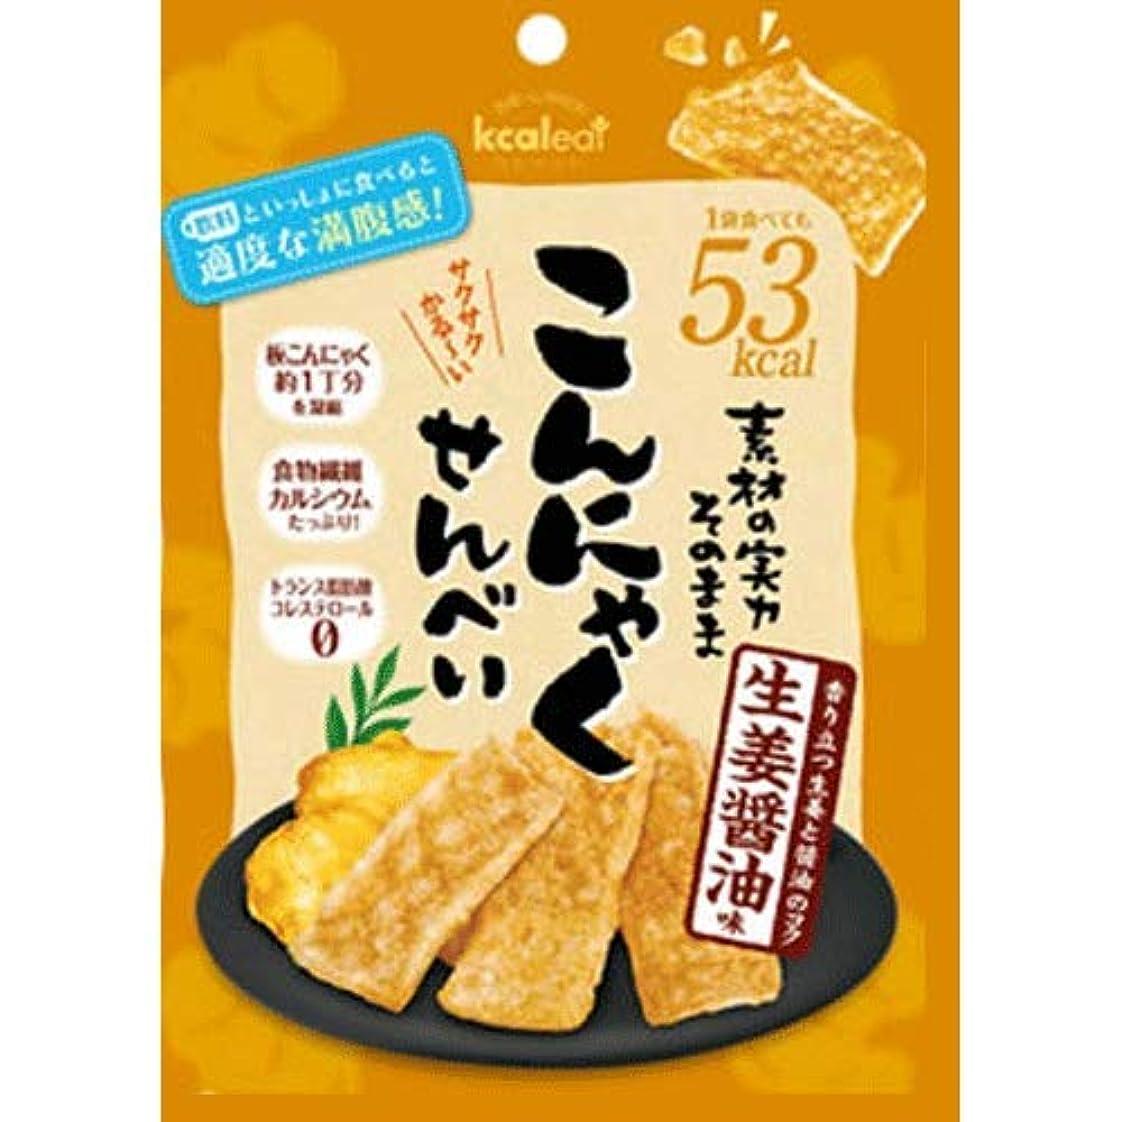 バース適格現代のこんにゃくせんべい 生姜醤油 15g (20袋セット) [並行輸入品]